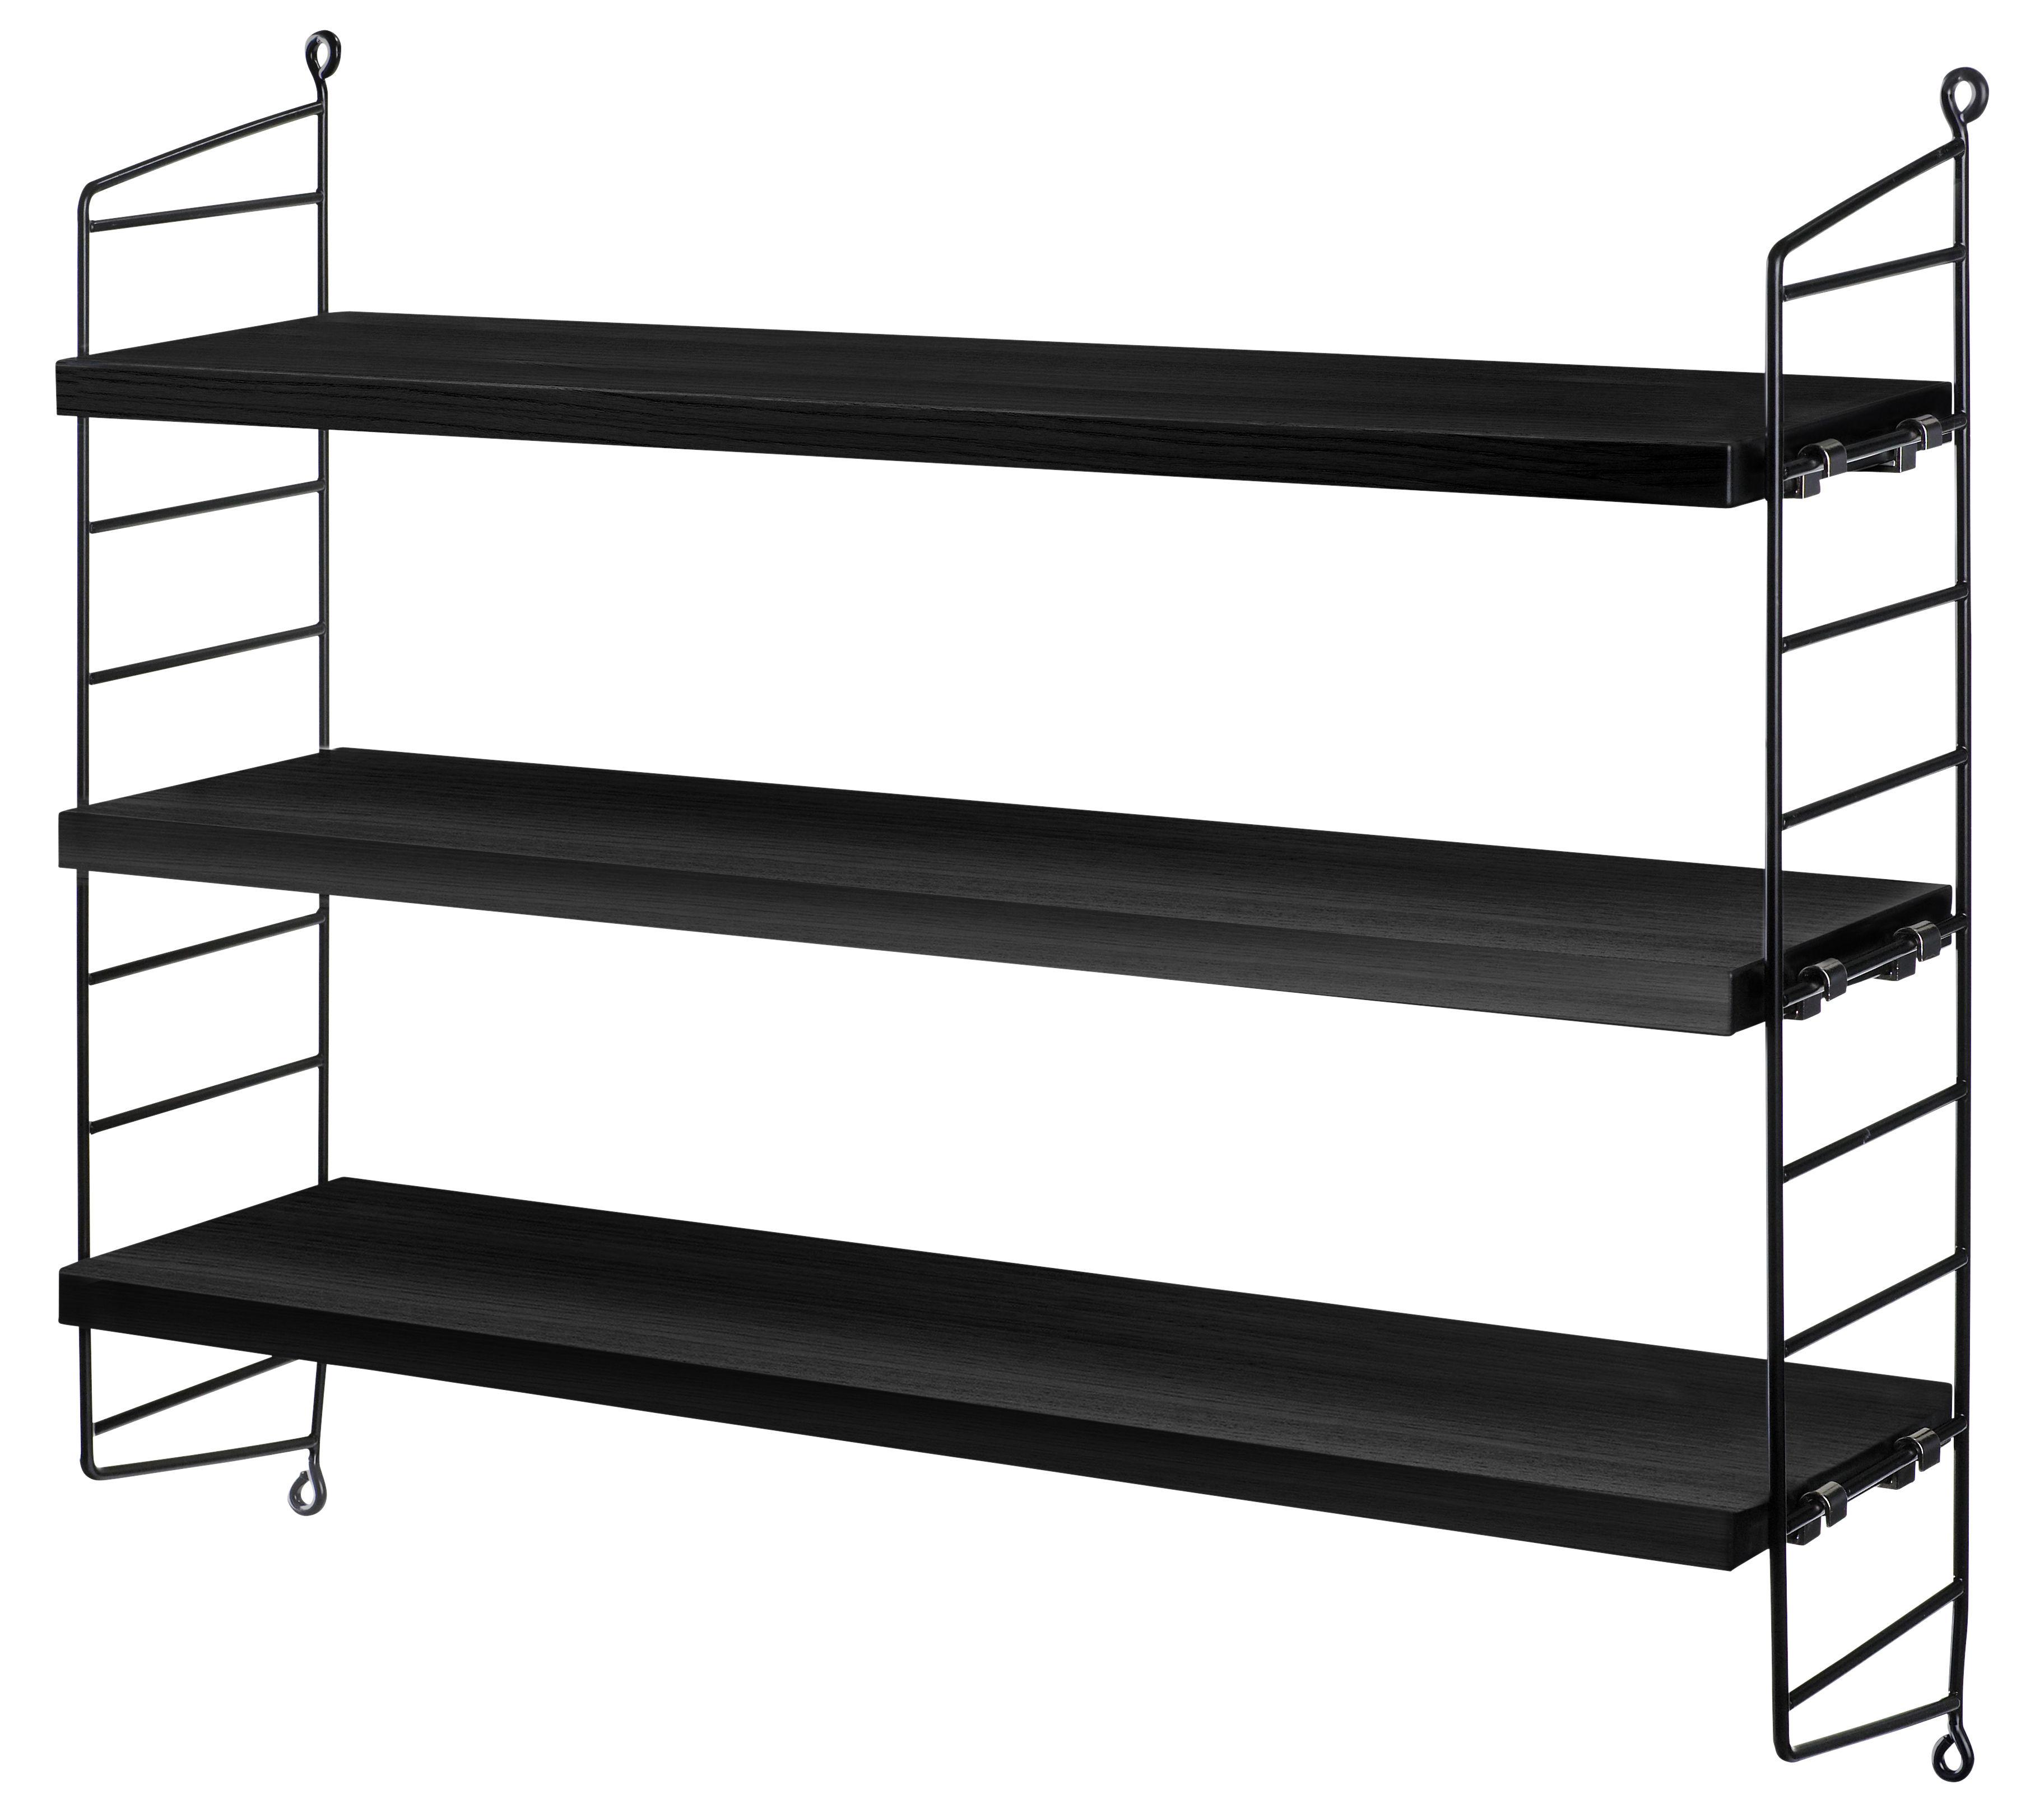 Möbel - Regale und Bücherregale - String Pocket Regal / Holz - L 60 x H 50 cm - String Furniture - Esche getönt (schwarz) / Seitenelemente schwarz - getönte Esche, Stahl